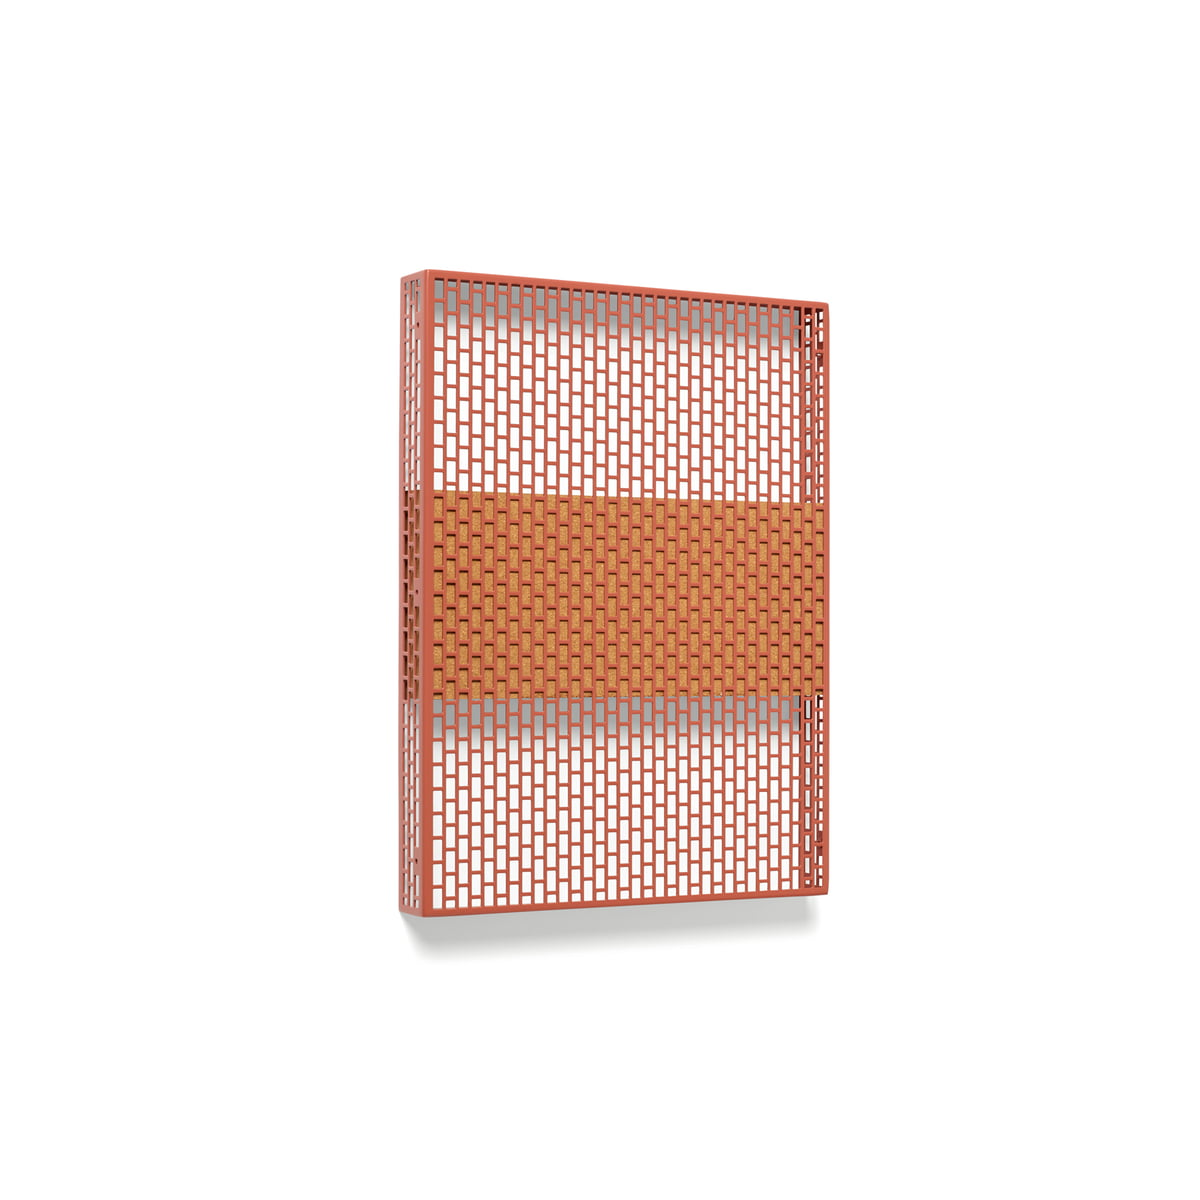 Hay - Pinorama Board small, wine | Büro > Tafeln und Boards > Hängetafeln | Weinrot | Stahl pulverbeschichtet -  kork | Hay